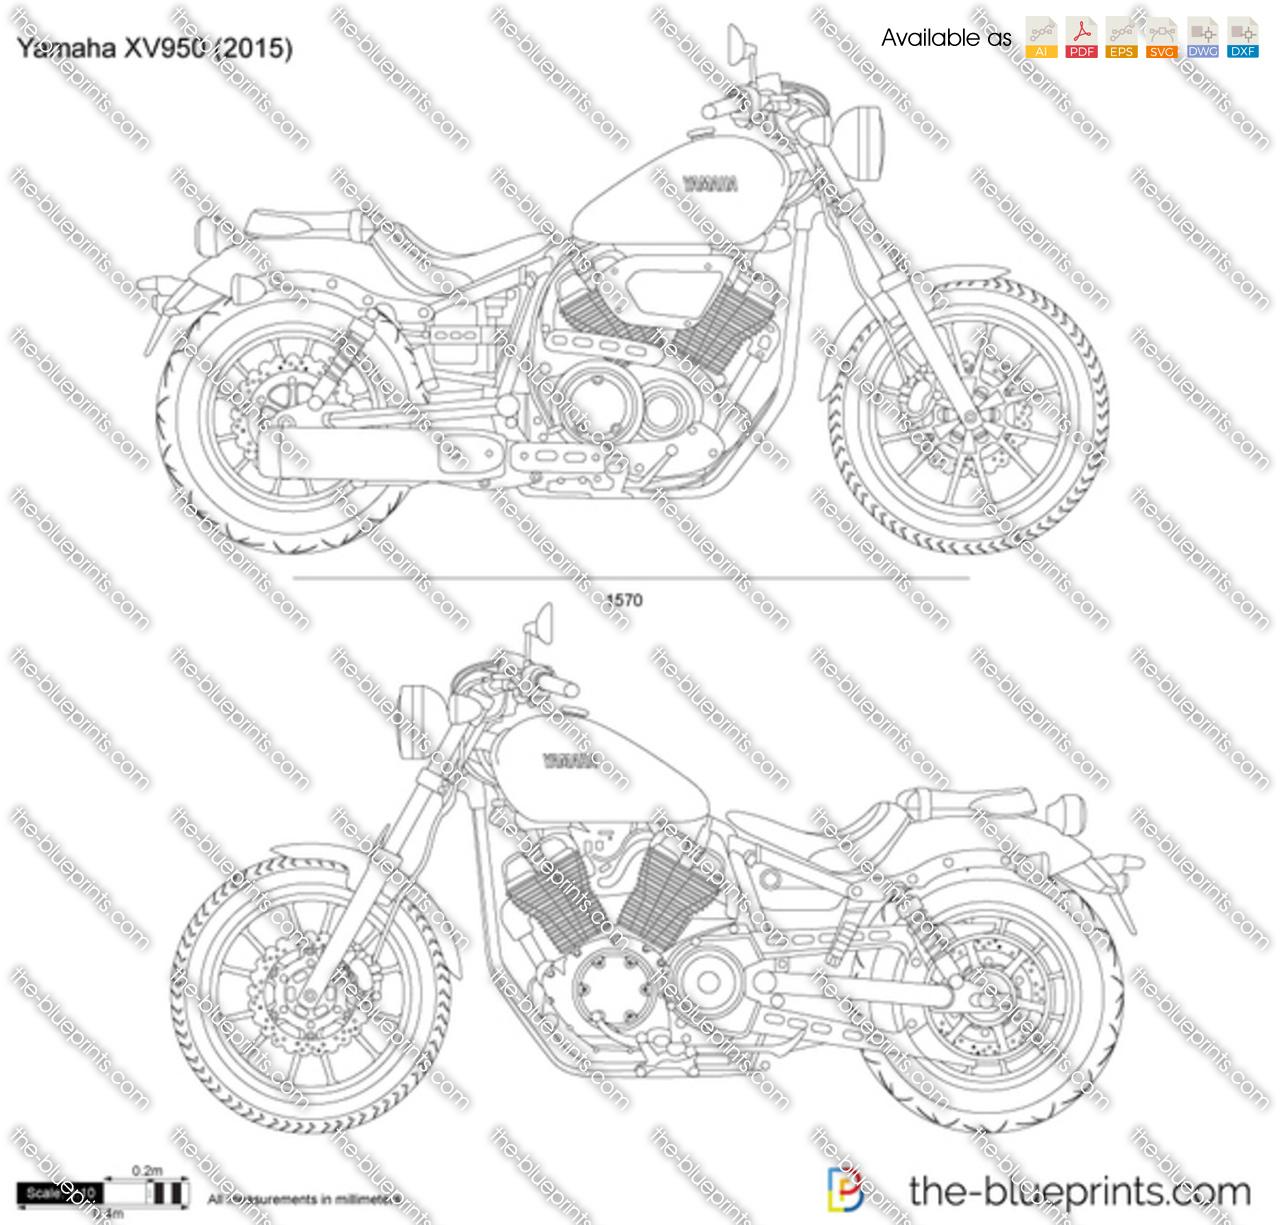 Yamaha XV950 vector drawing